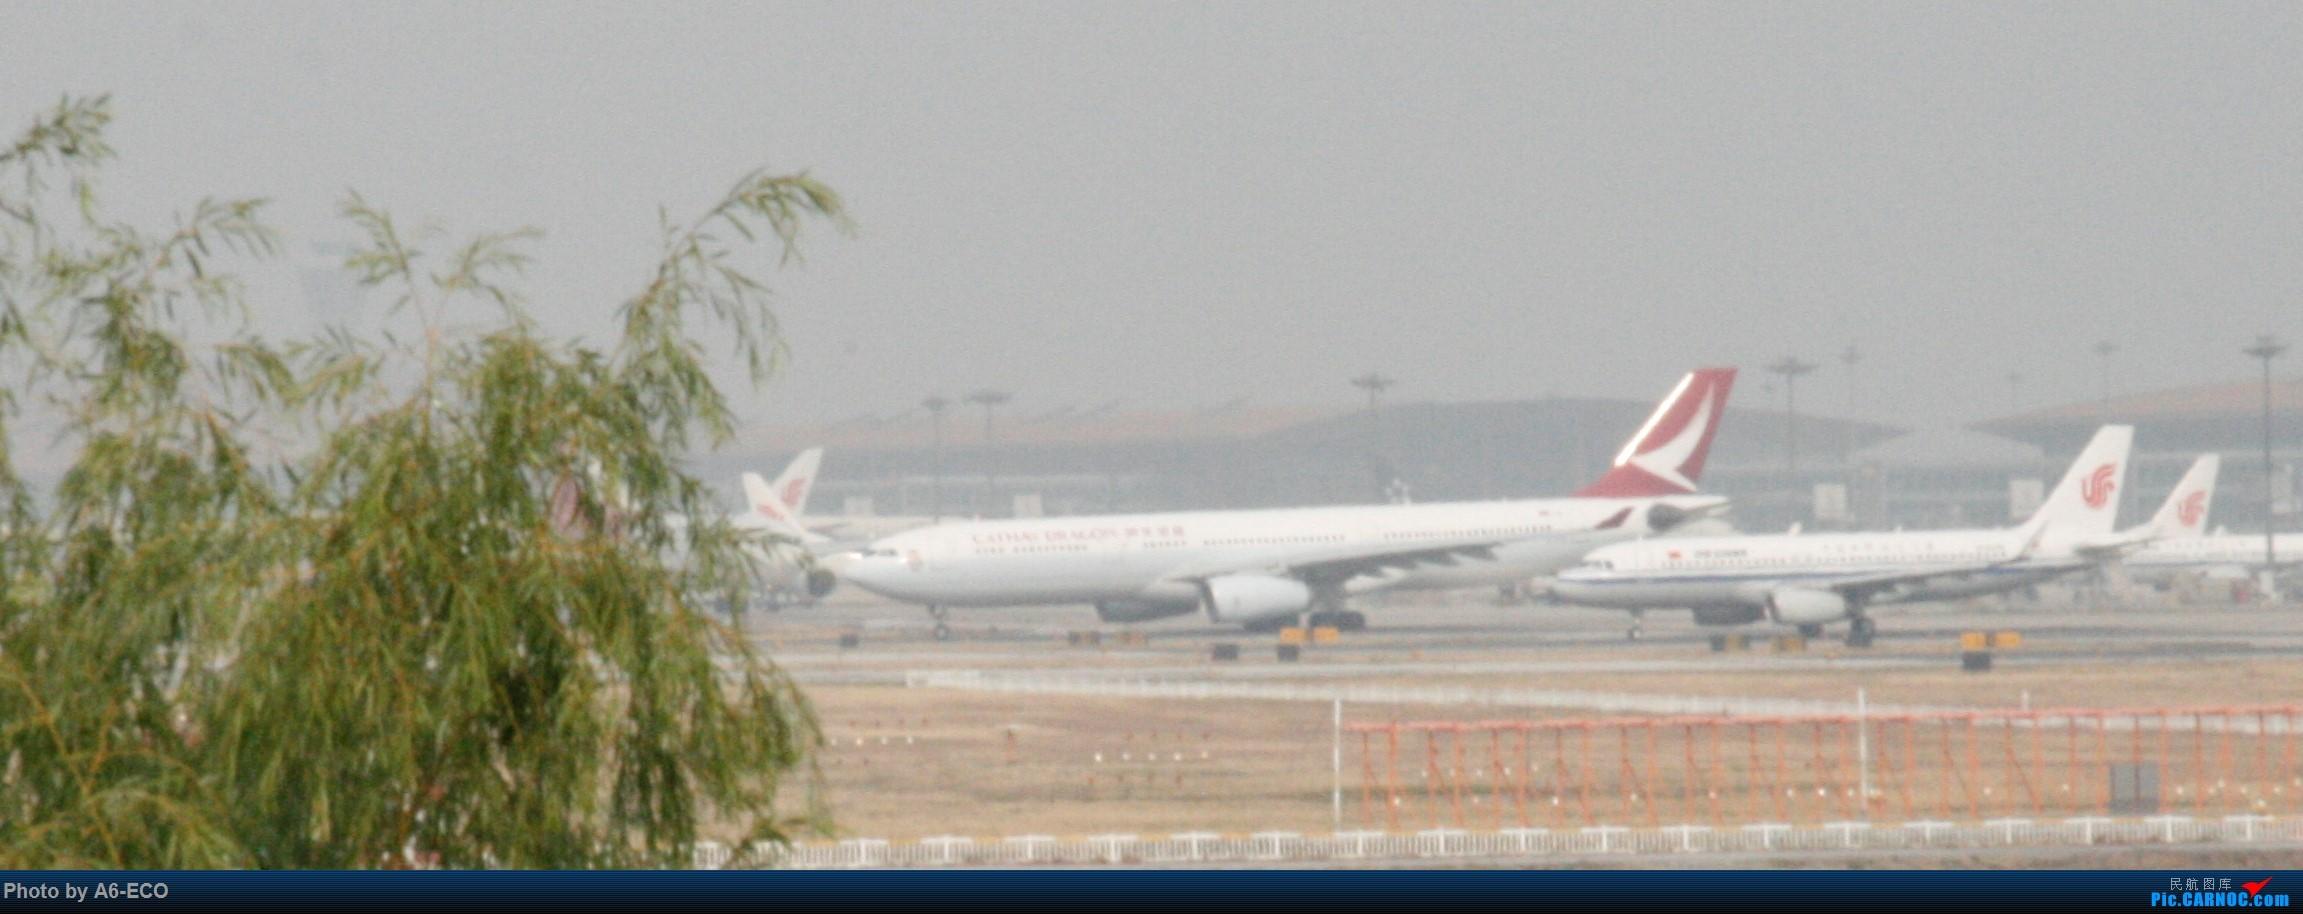 Re:[原创]【Siriの拍机】再次出现PEK AIRBUS A330-300 B-HYF 中国北京首都国际机场